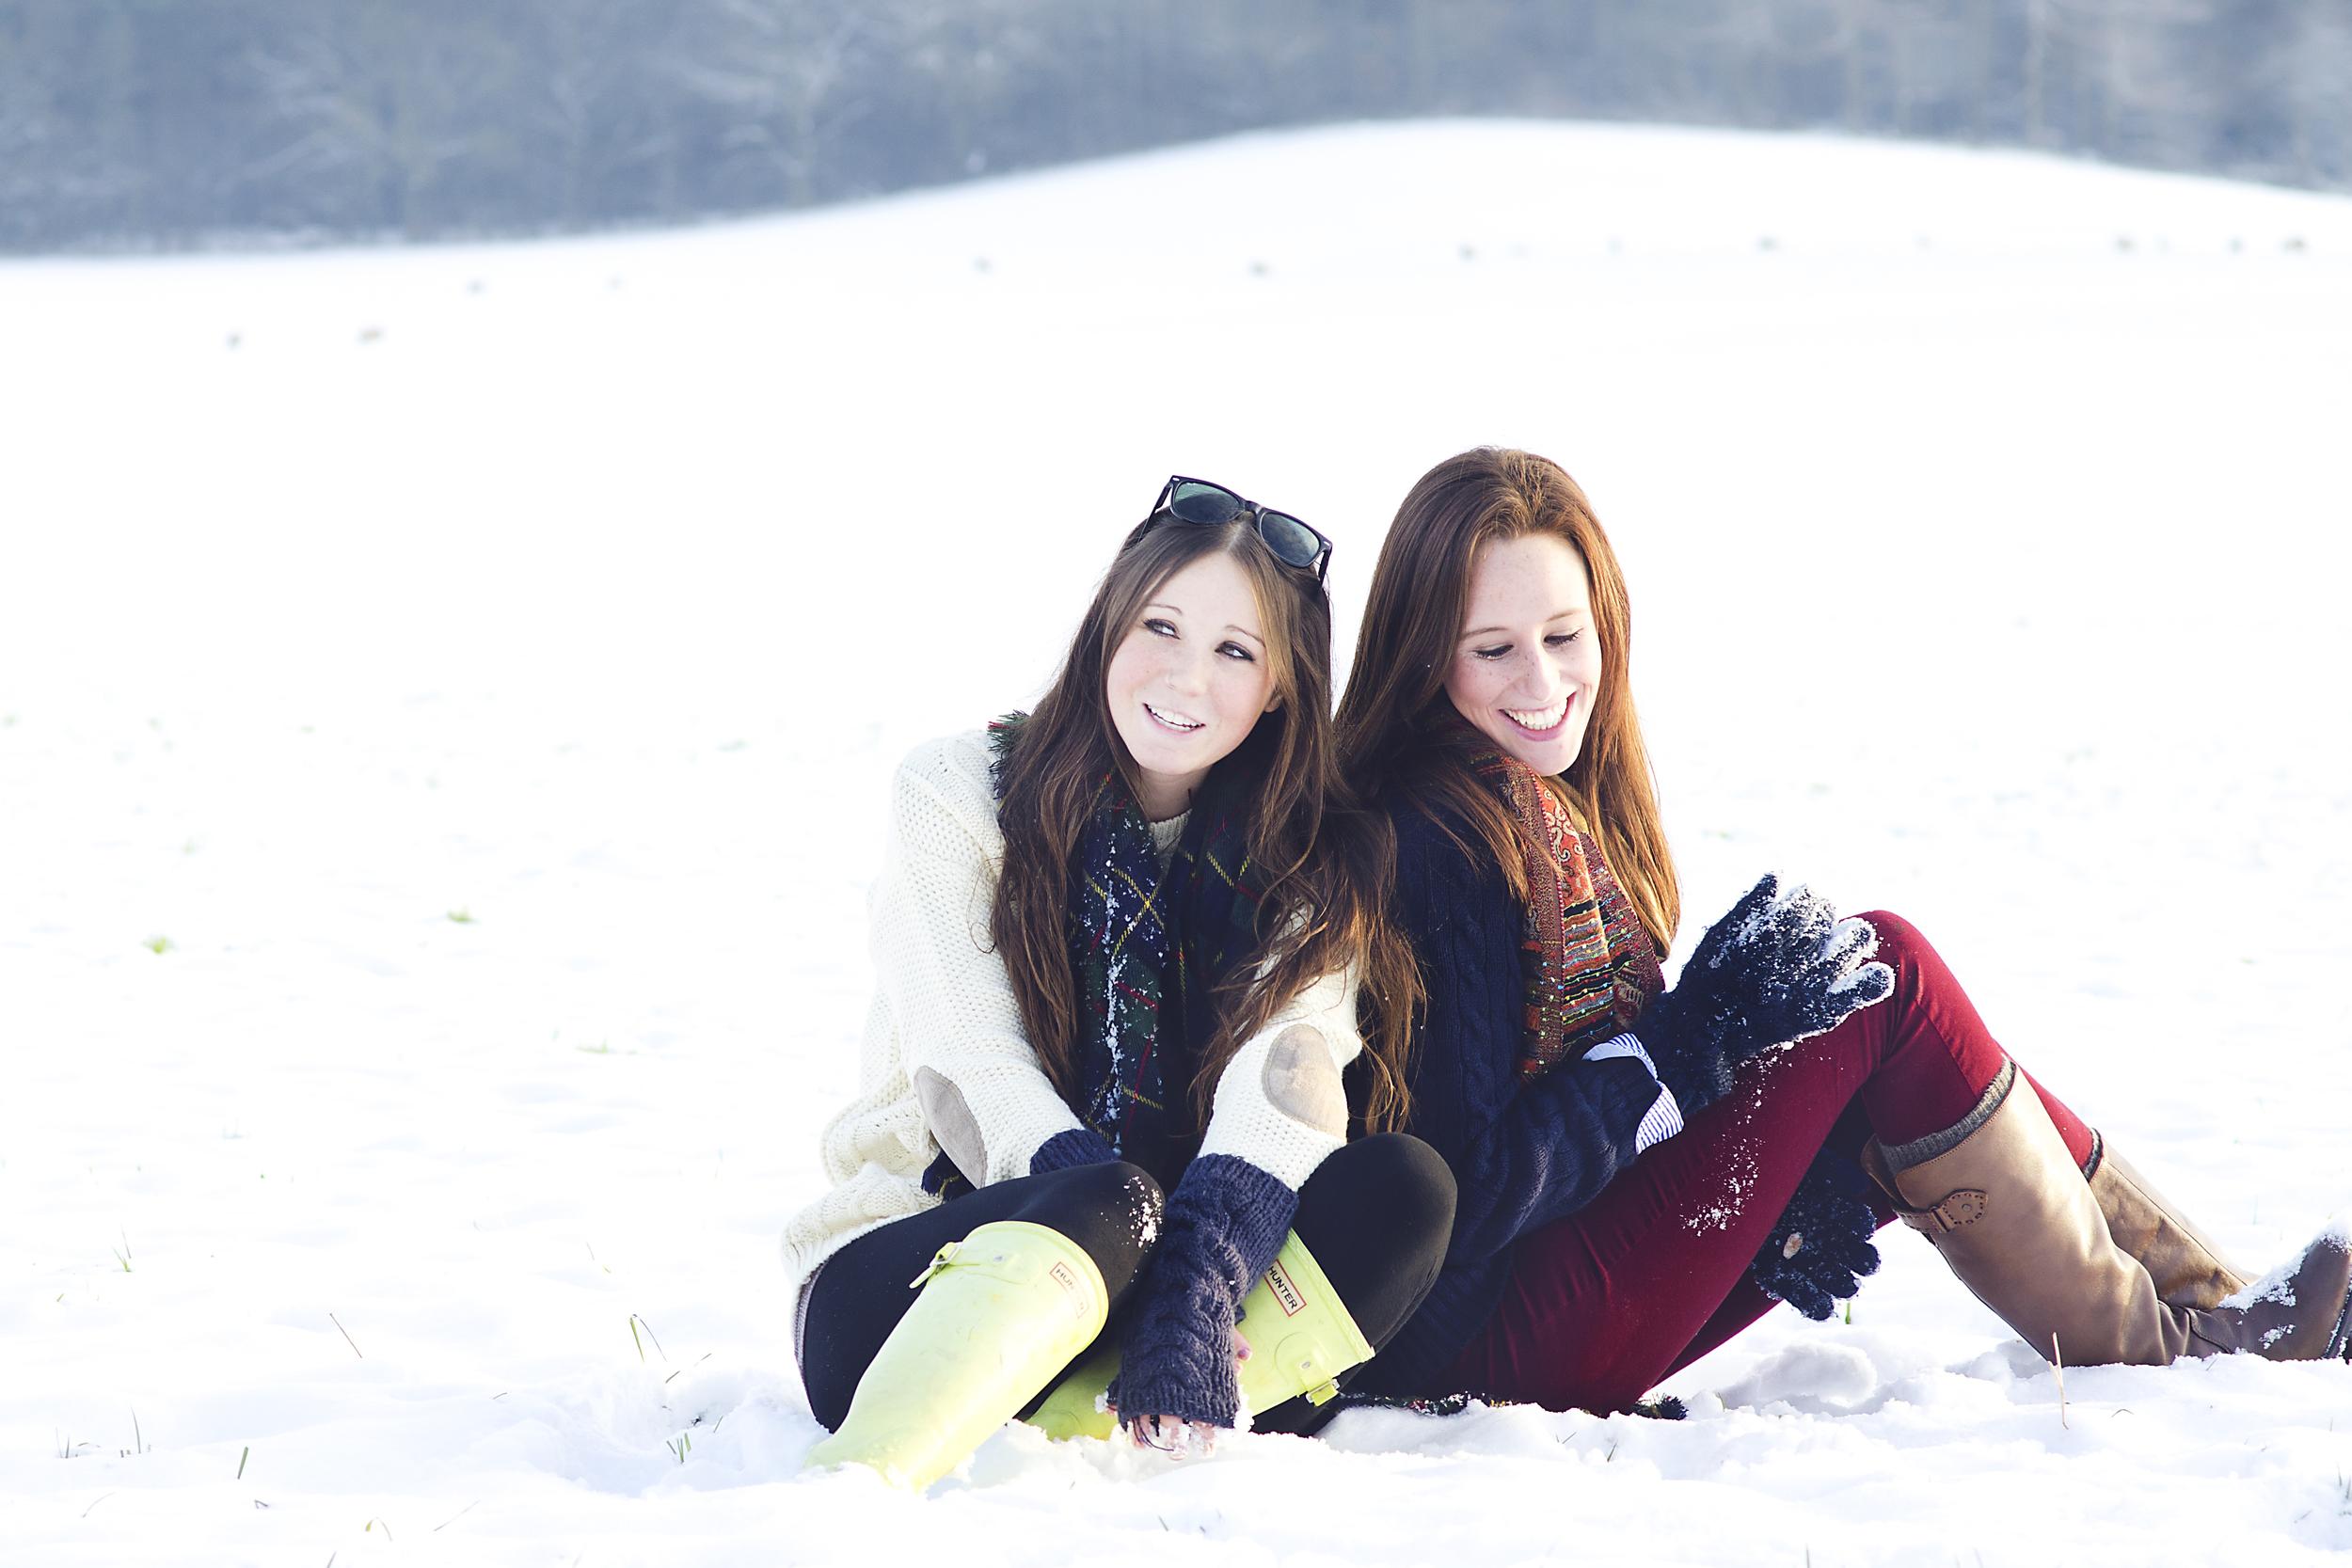 Girls in snow.jpg